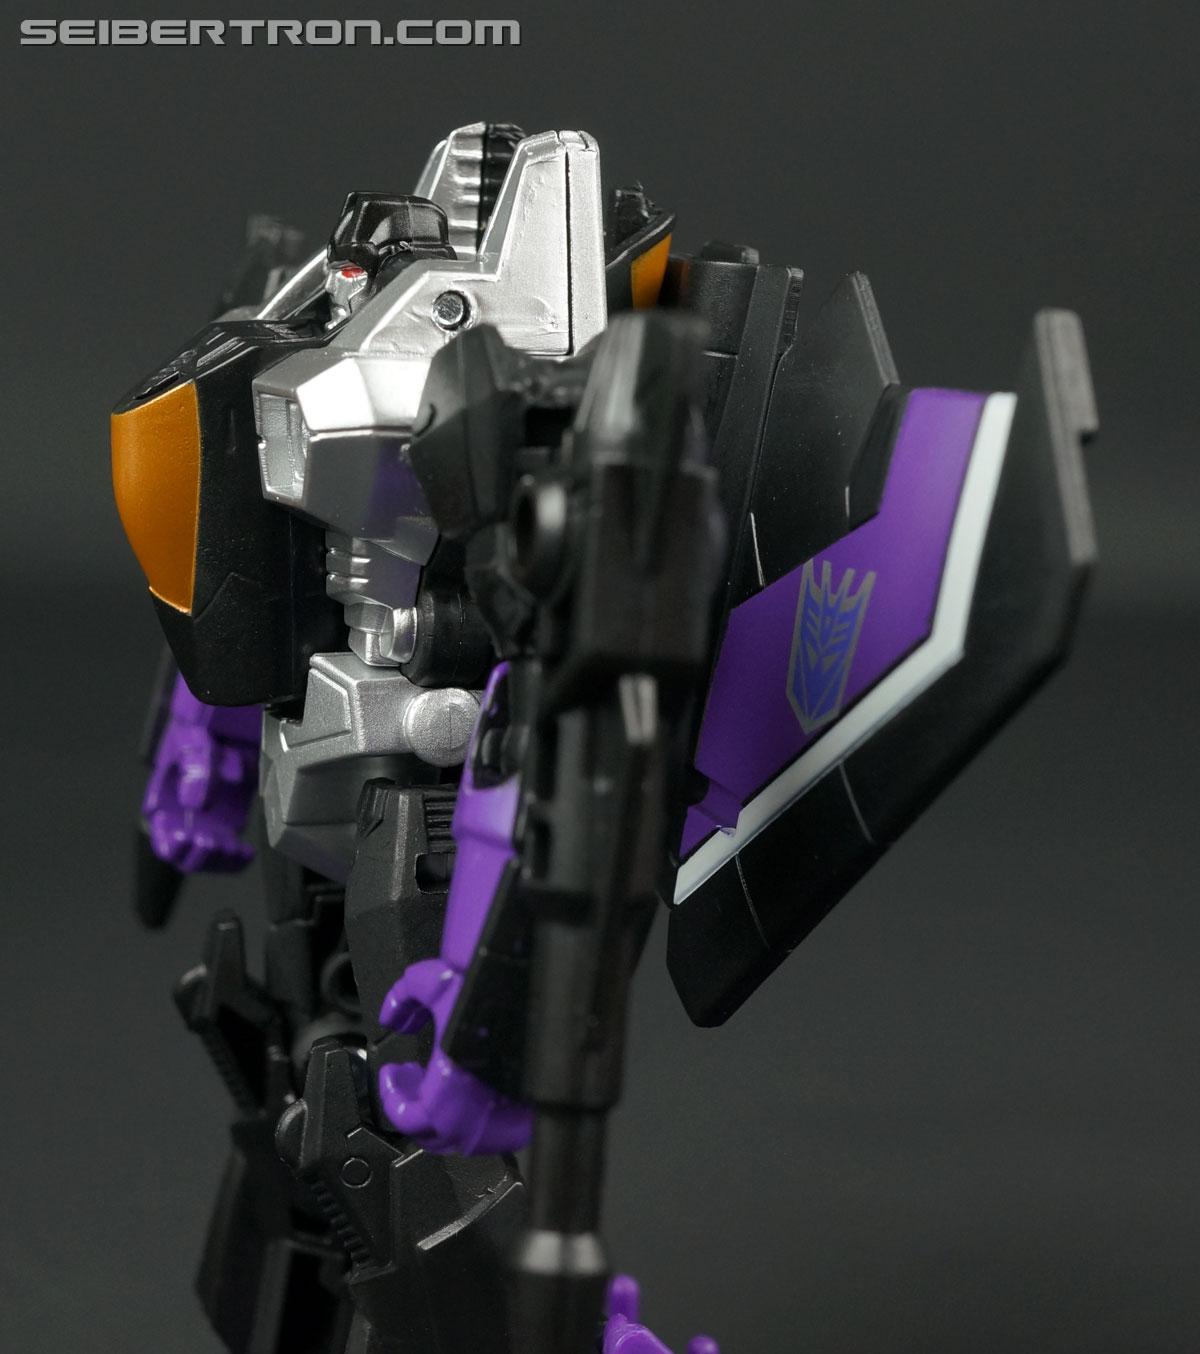 Transformers Generations Combiner Wars Skywarp (Image #57 of 105)